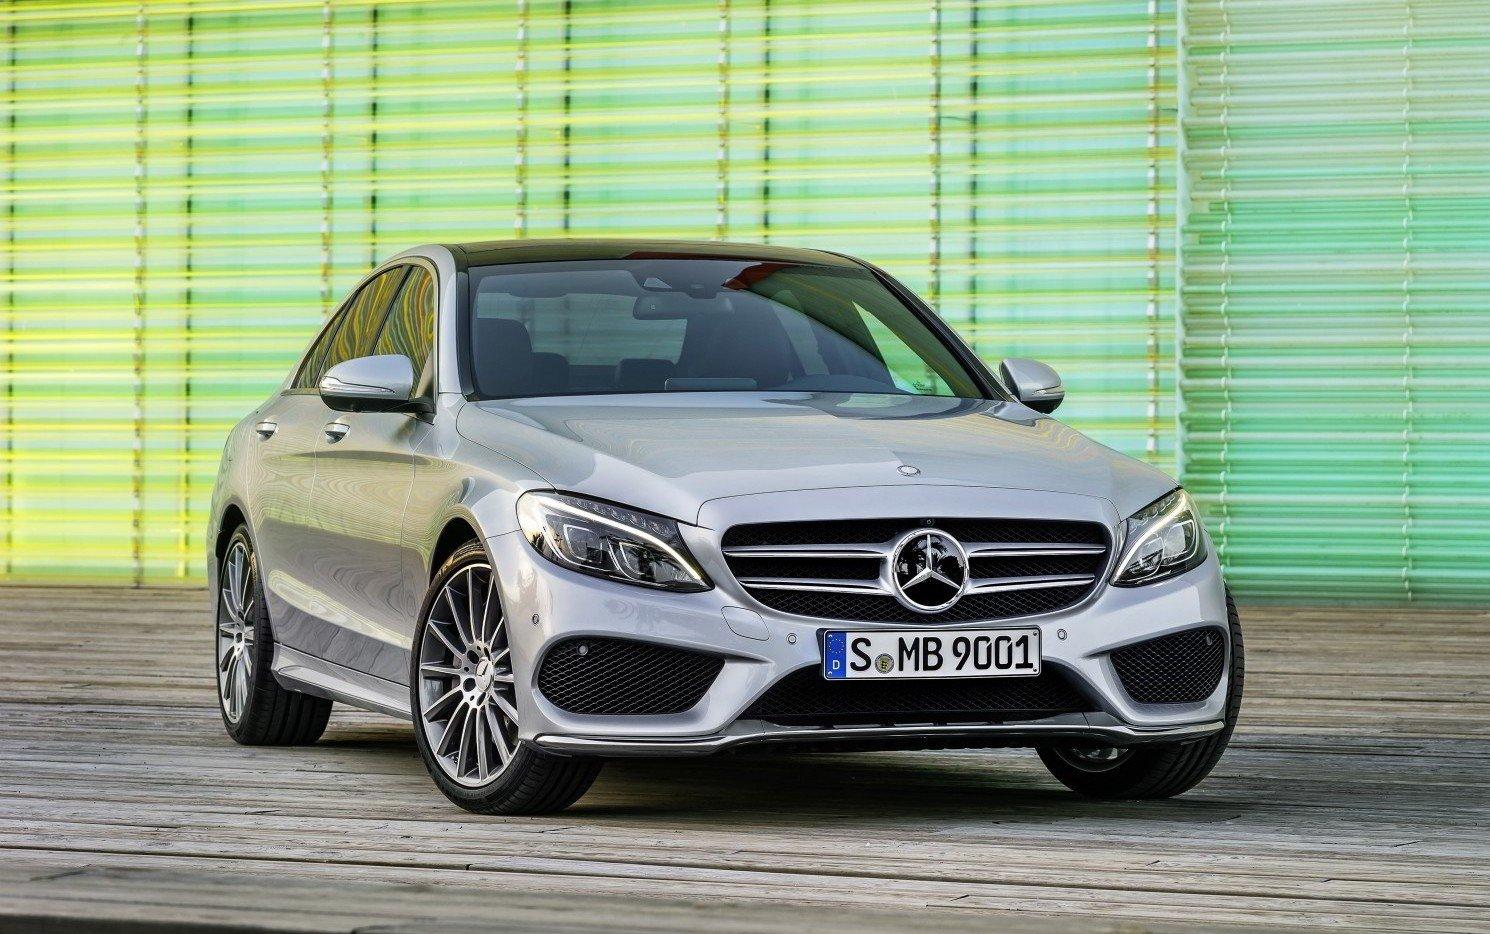 Benz объявил оботзыве неменее тысячи авто в Российской Федерации